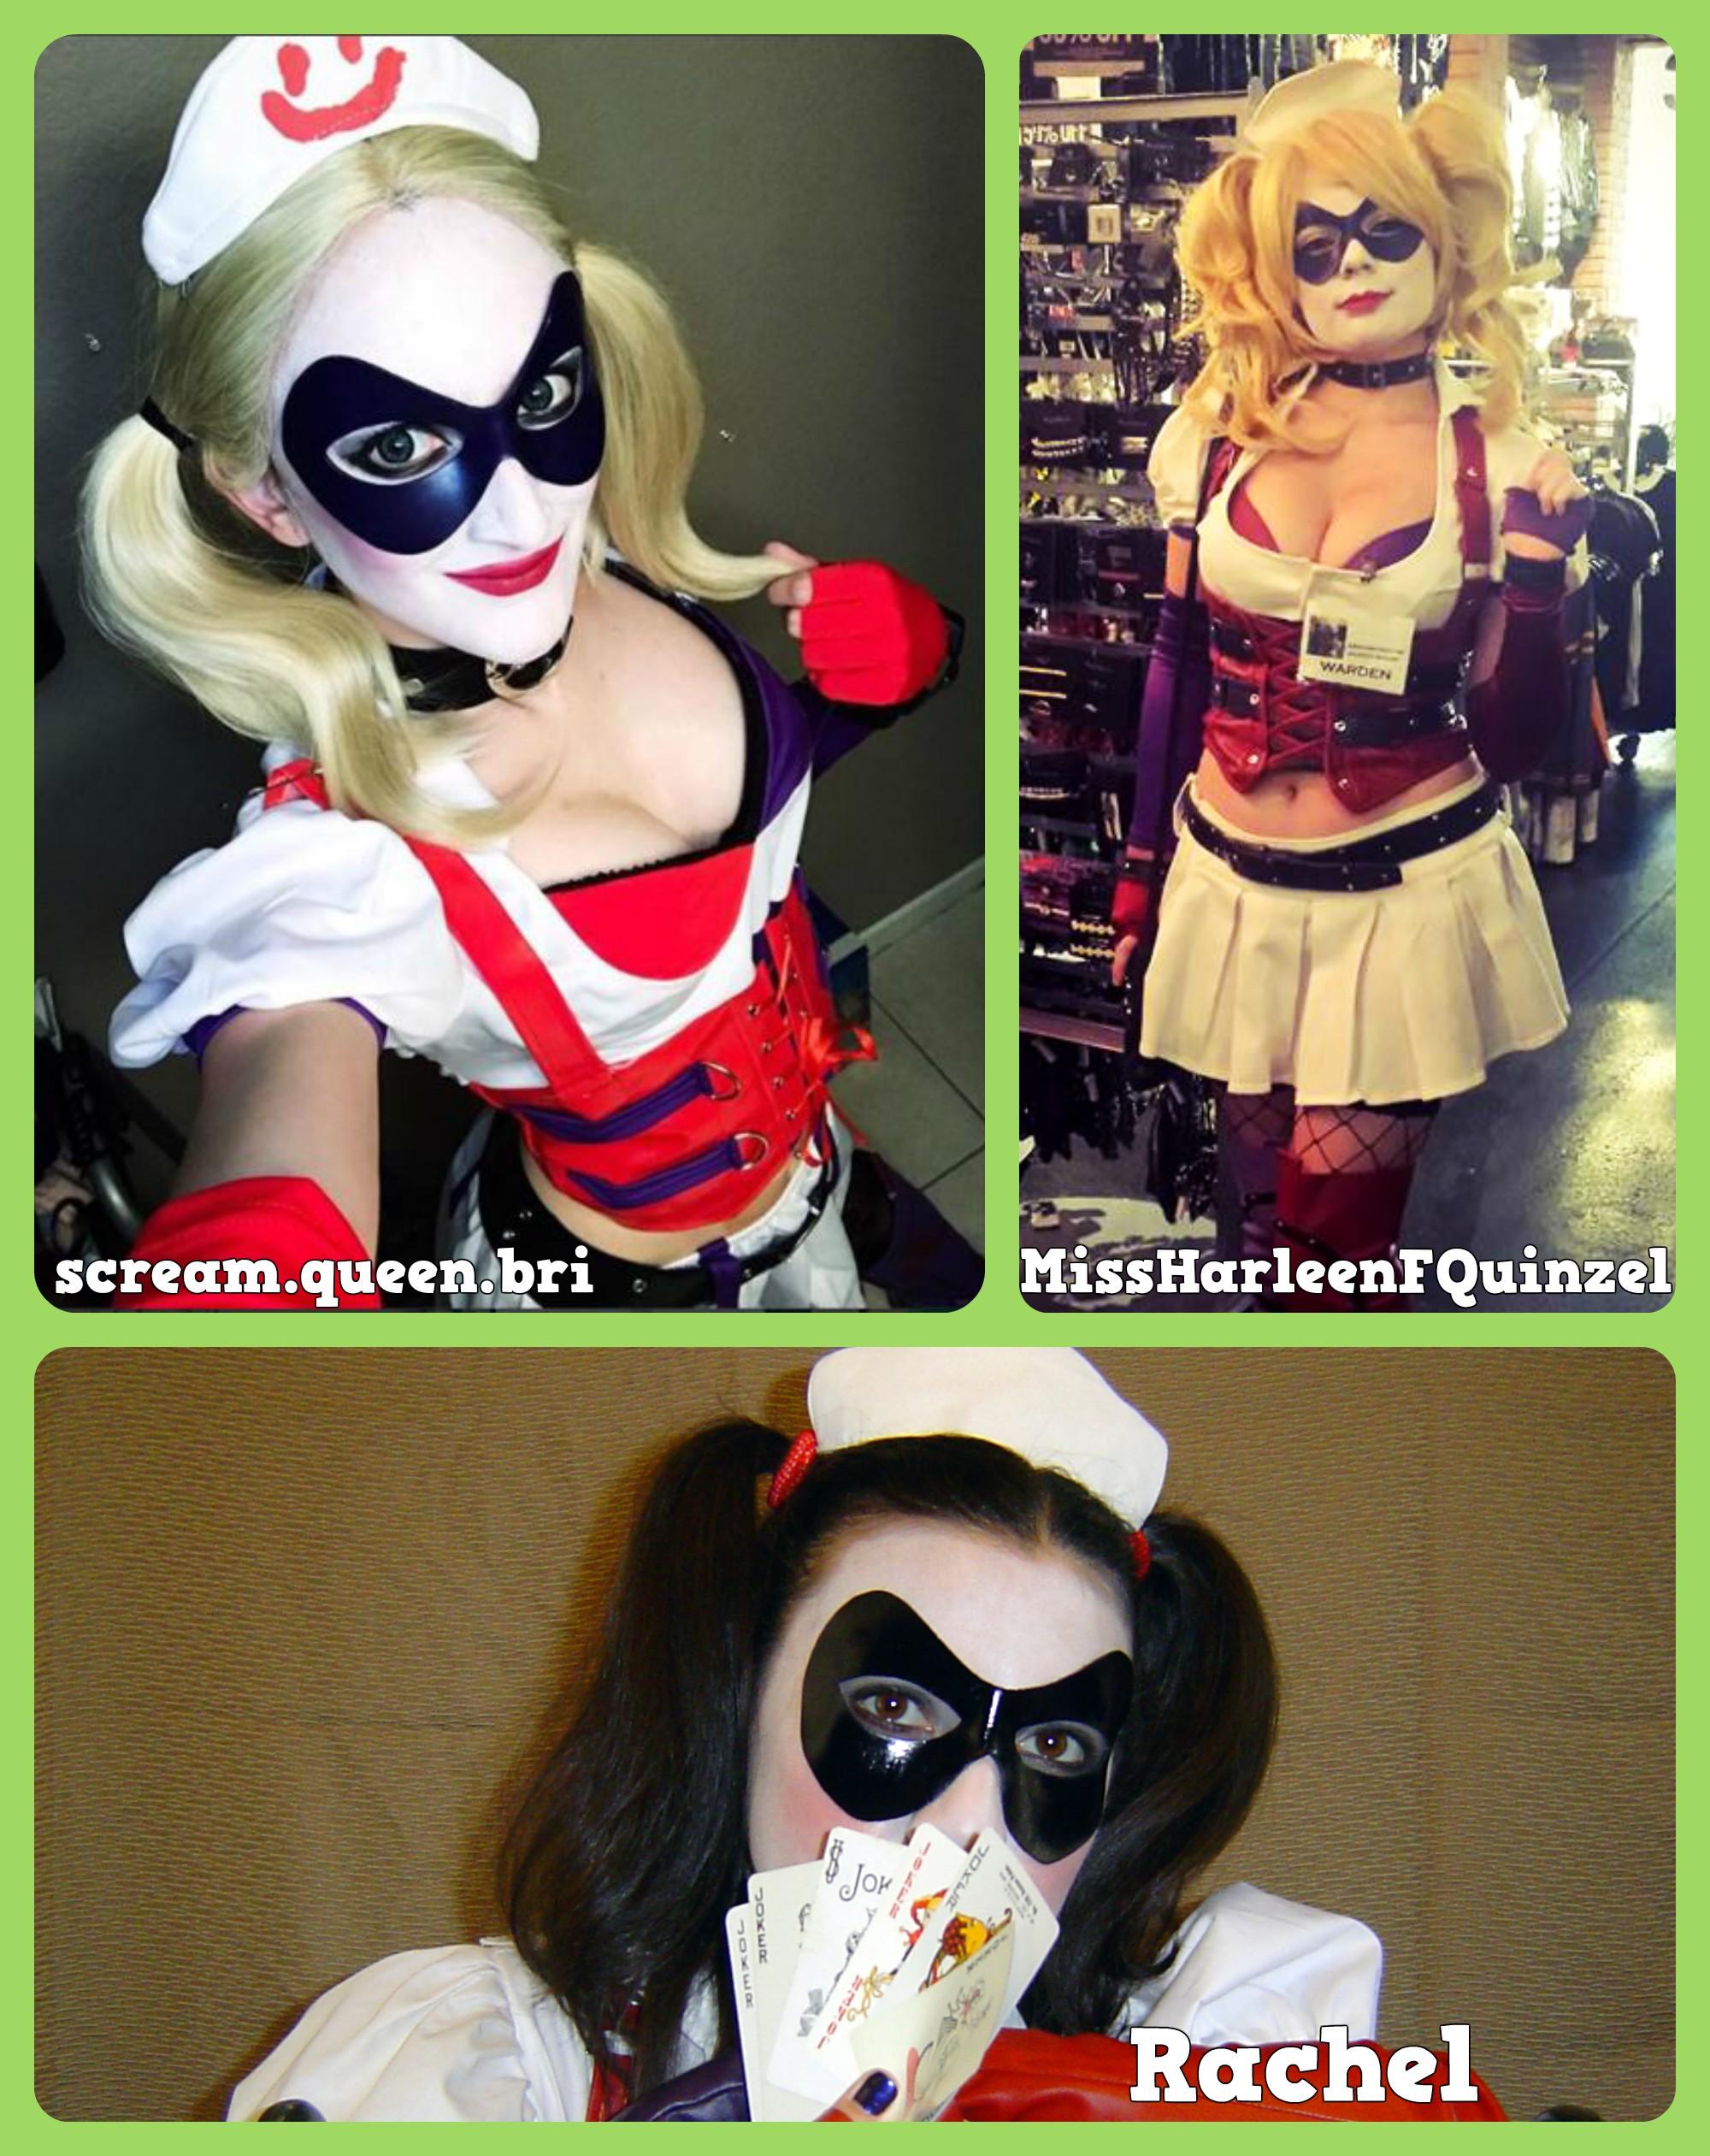 harley-quinn-asylum-mask-collage.jpg